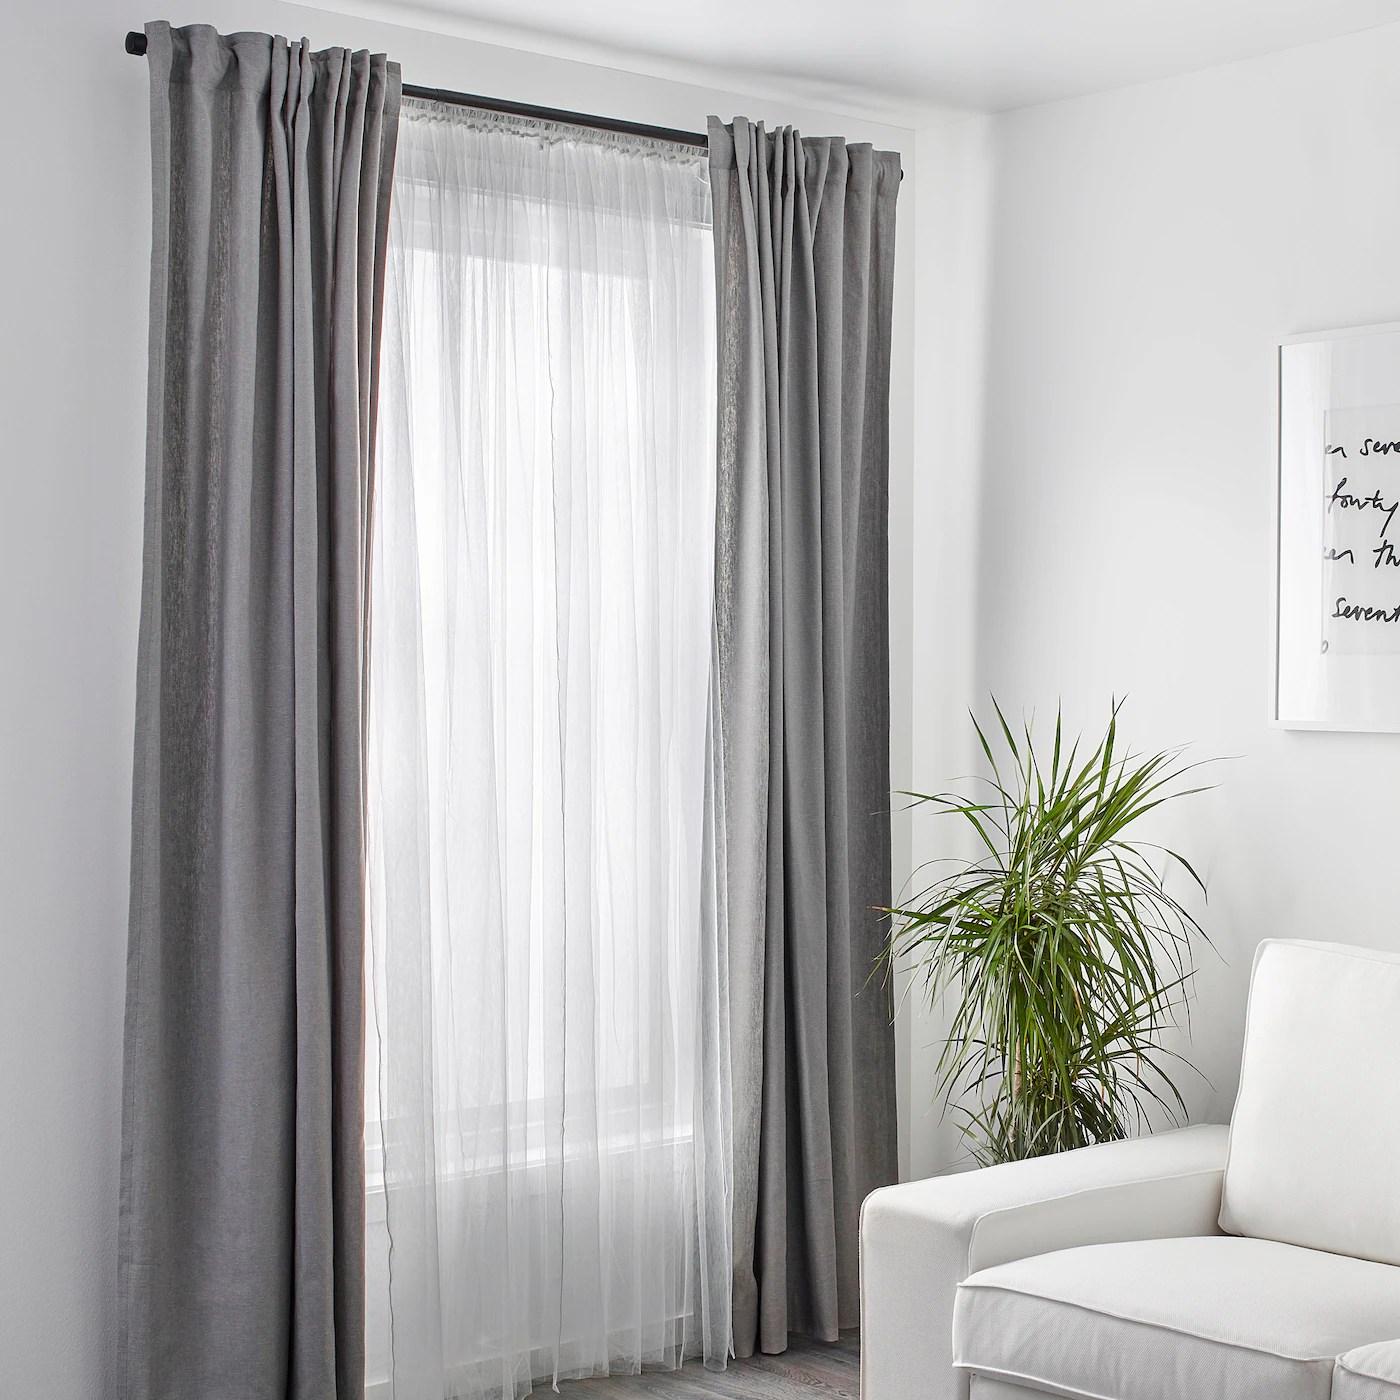 lill rideaux filet 2 pieces blanc 280x300 cm